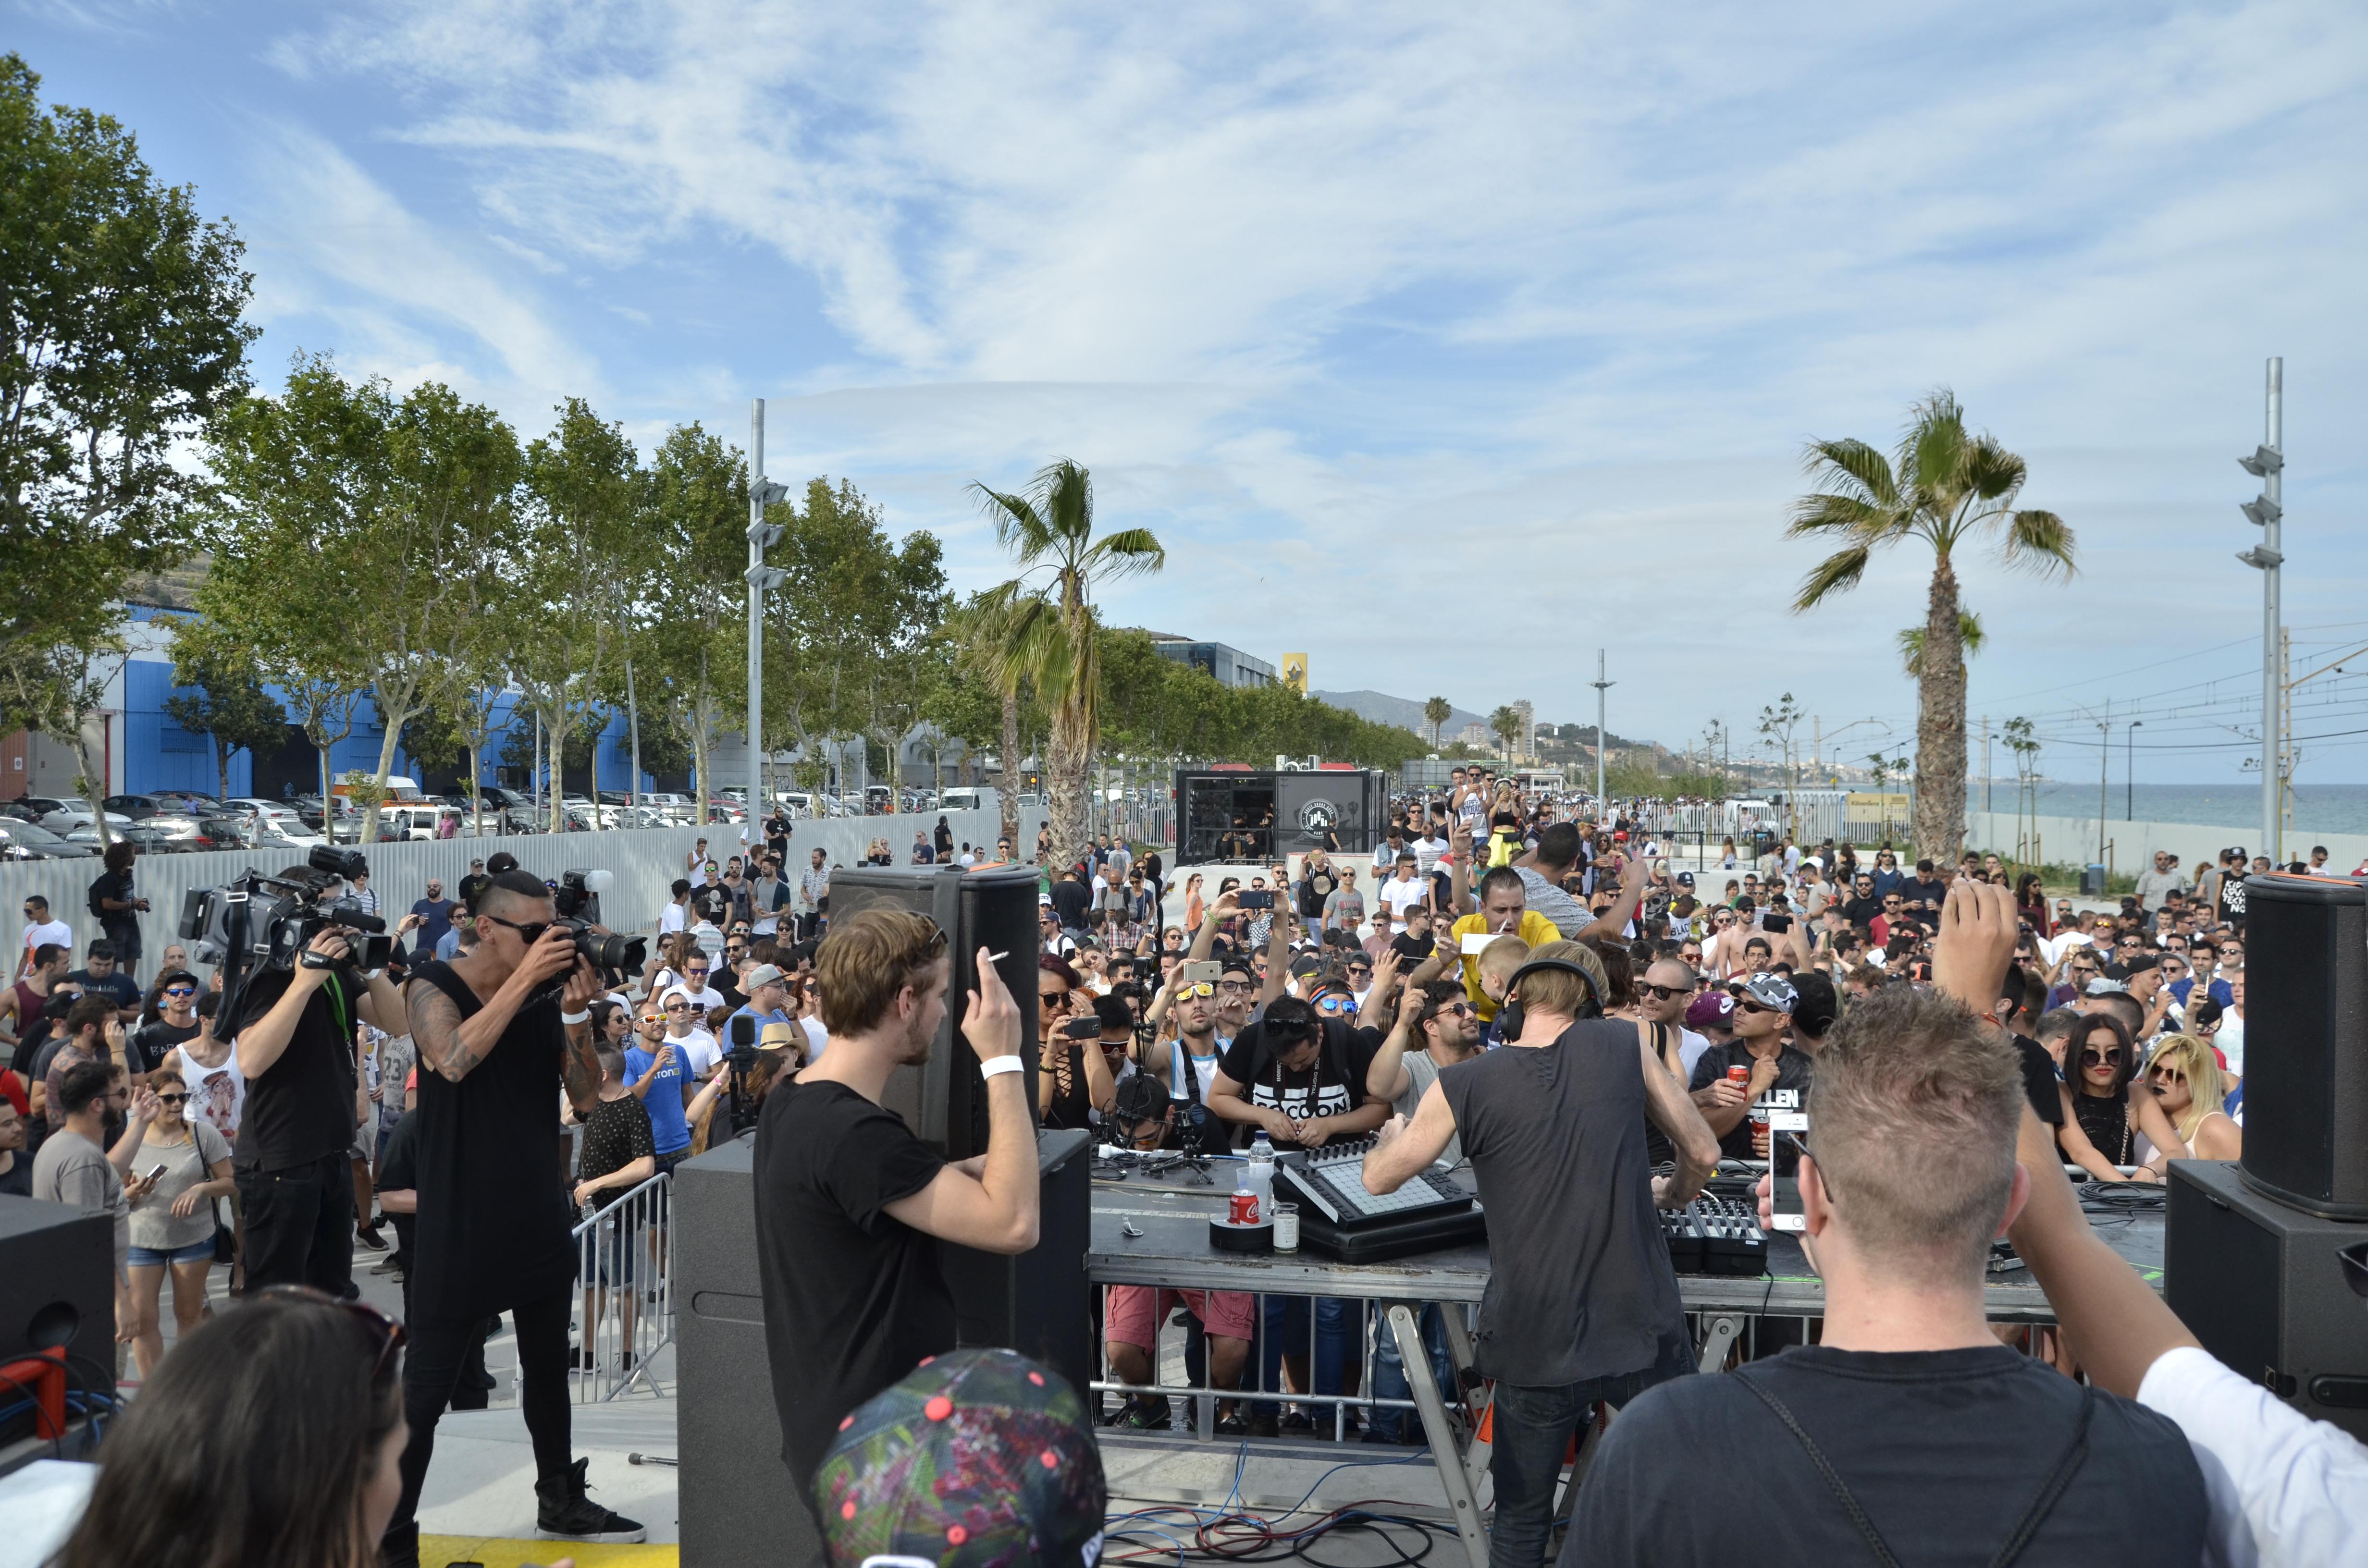 Richie Hawtin, d'esquenes a la càmara, actuant en front de milers de joves a l'inauguració oficiosa del Sónar.